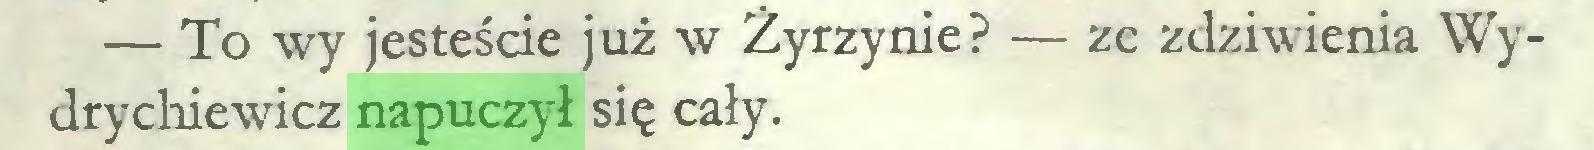 (...) — To wy jesteście już w Żyrzynie? — ze zdziwienia Wydrychiewicz napuczył się cały...